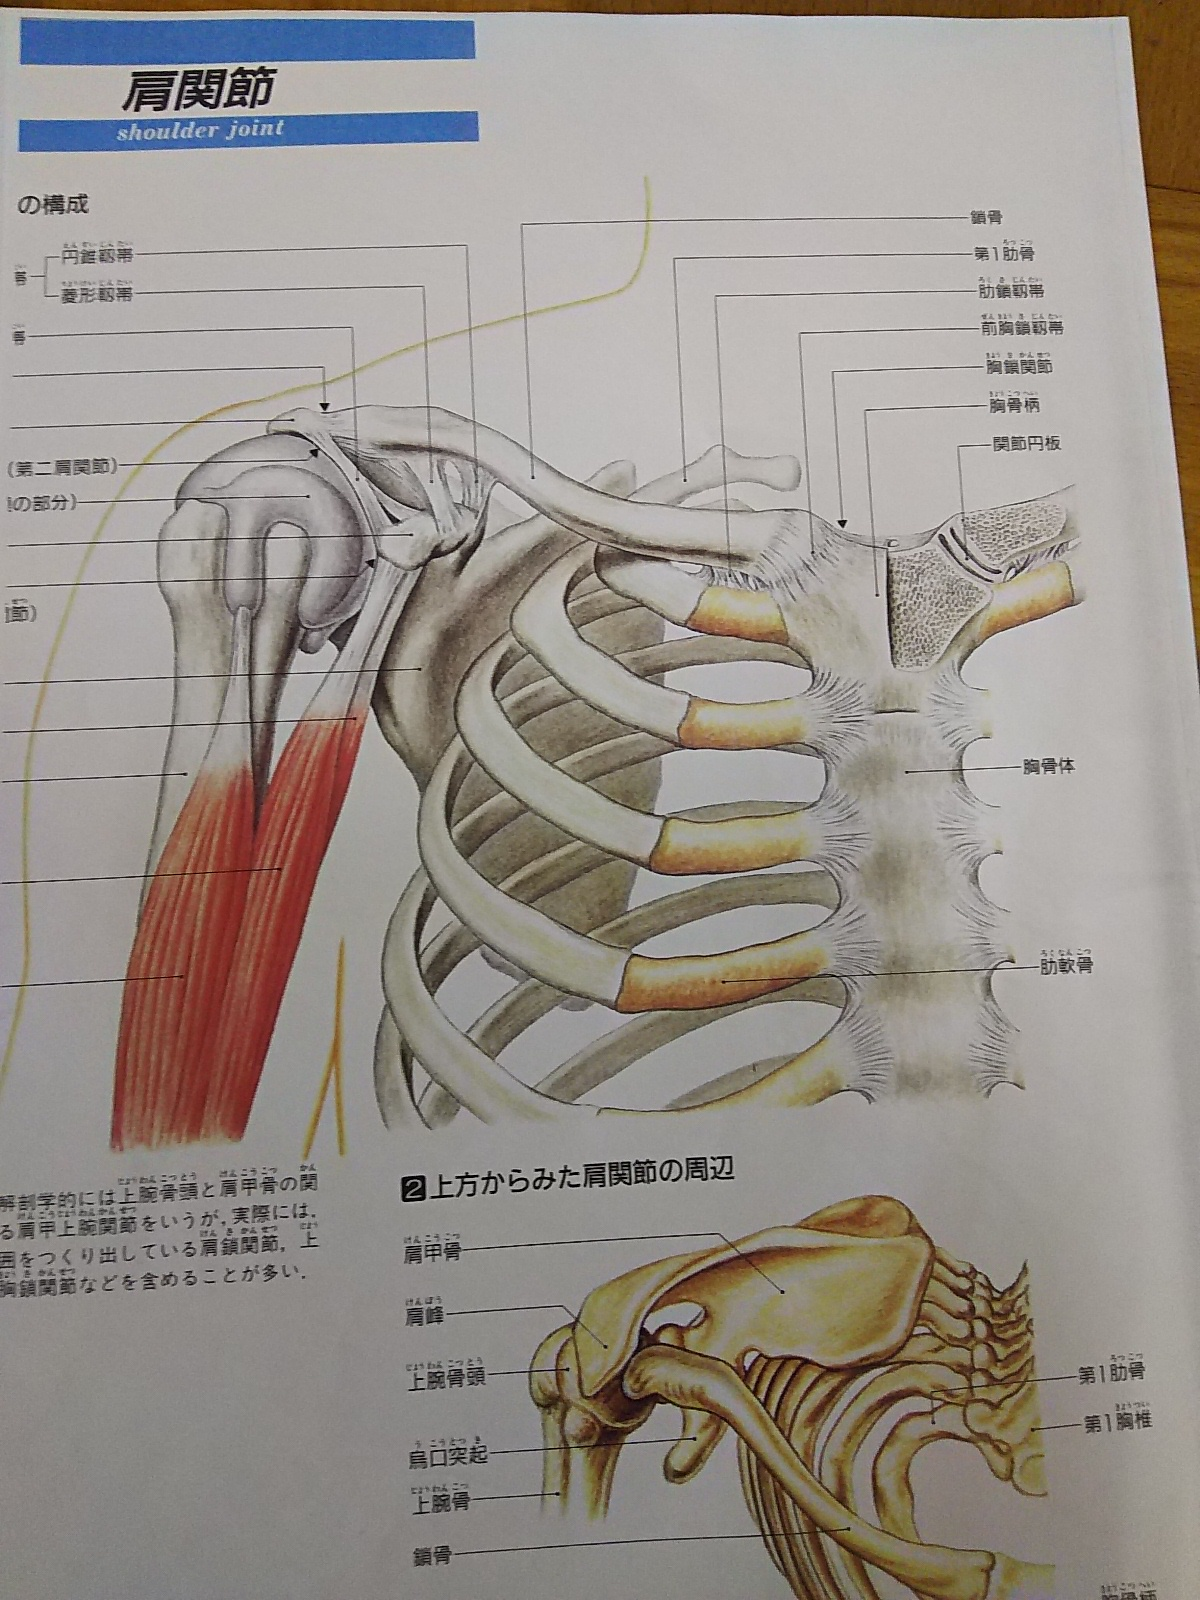 肩甲骨(けんこうこつ)の後ろにある肋骨(ろっこつ)